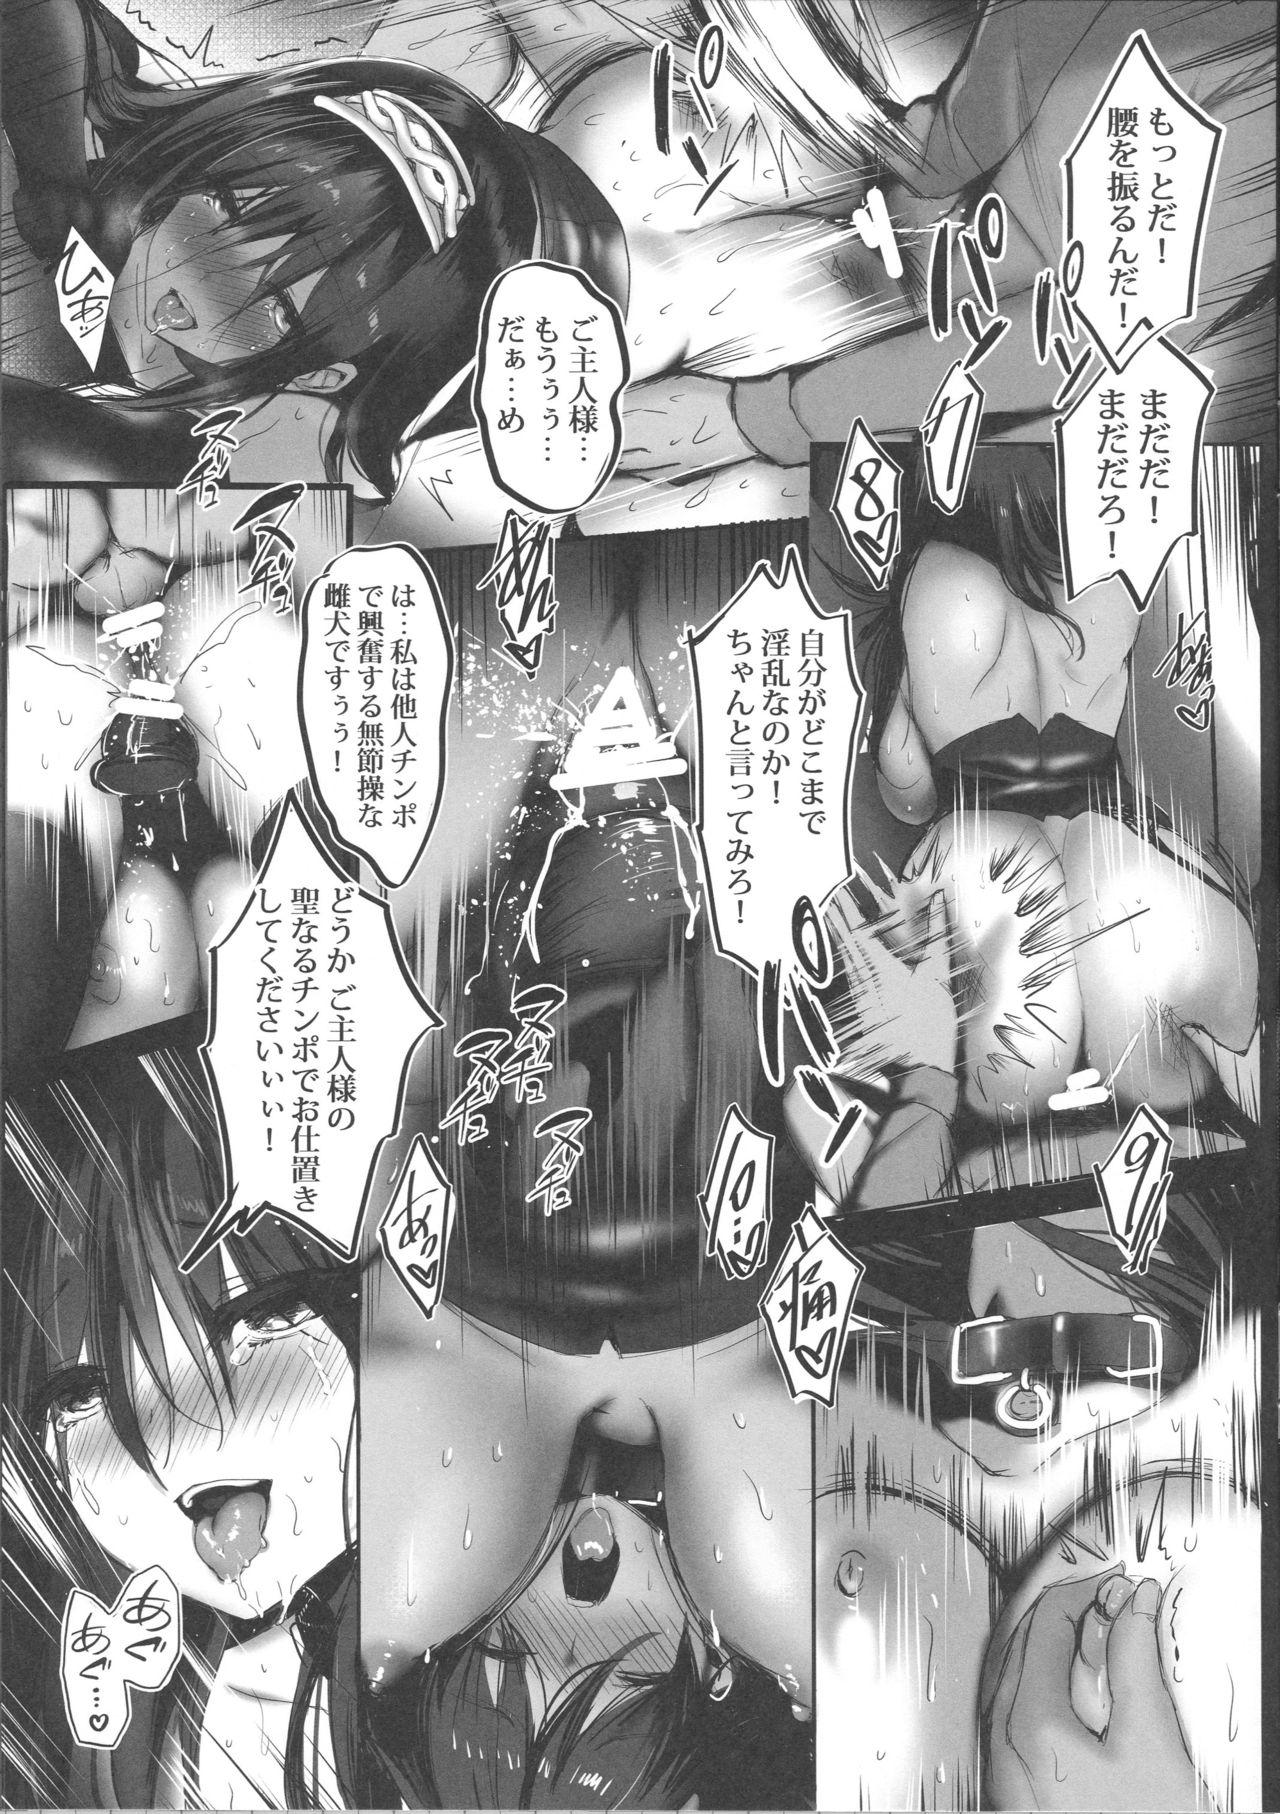 Sagisawa Fumika no Tashinami 2 15